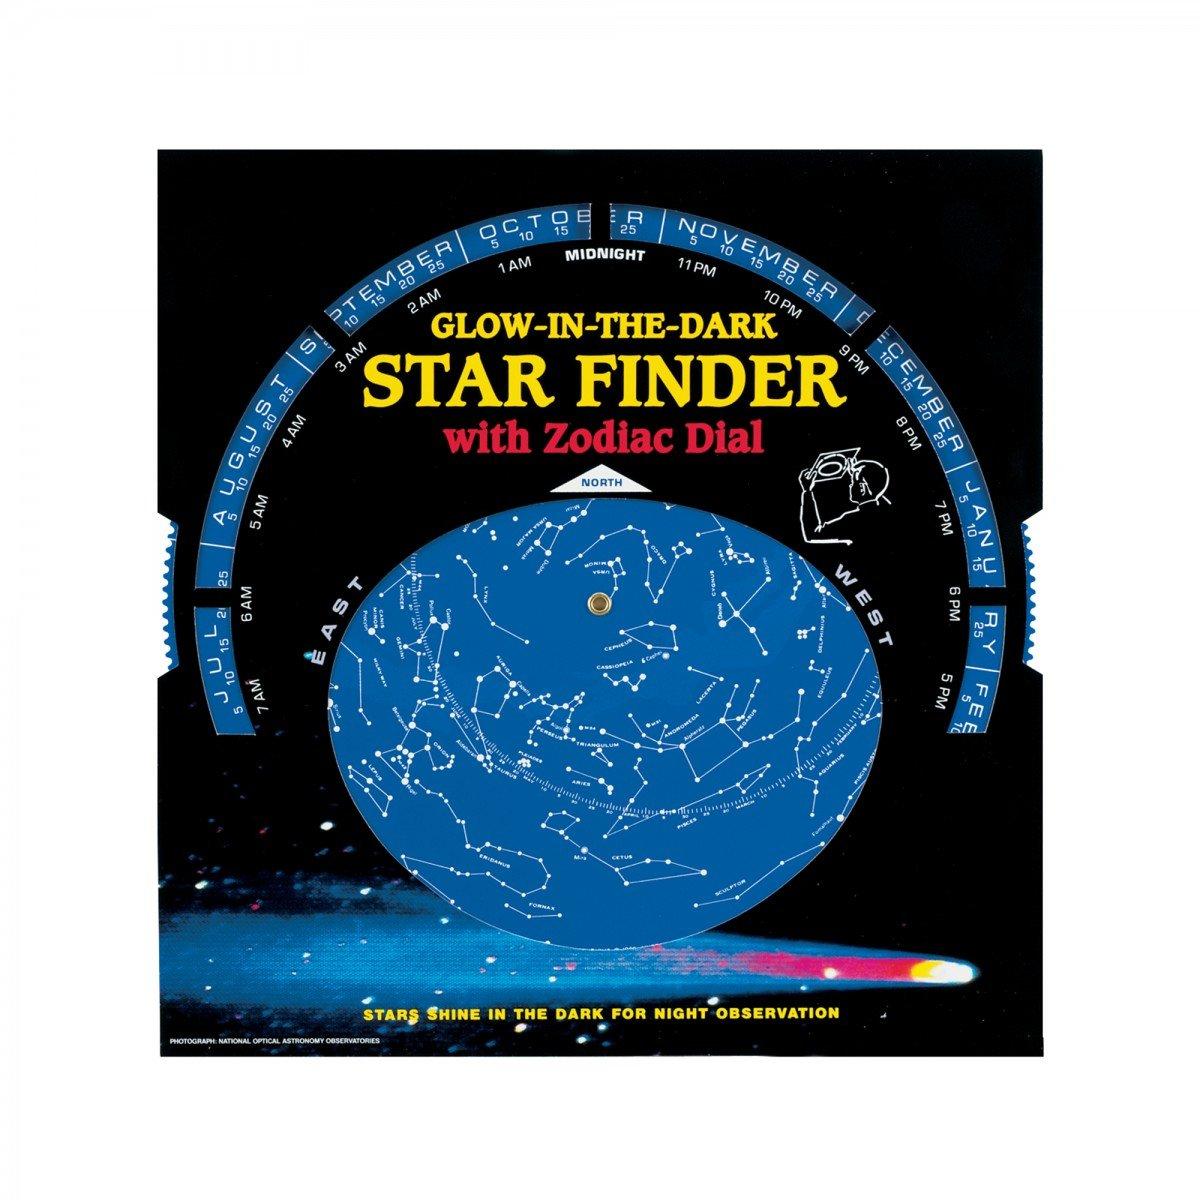 Glow-In-The-Dark Star Finder